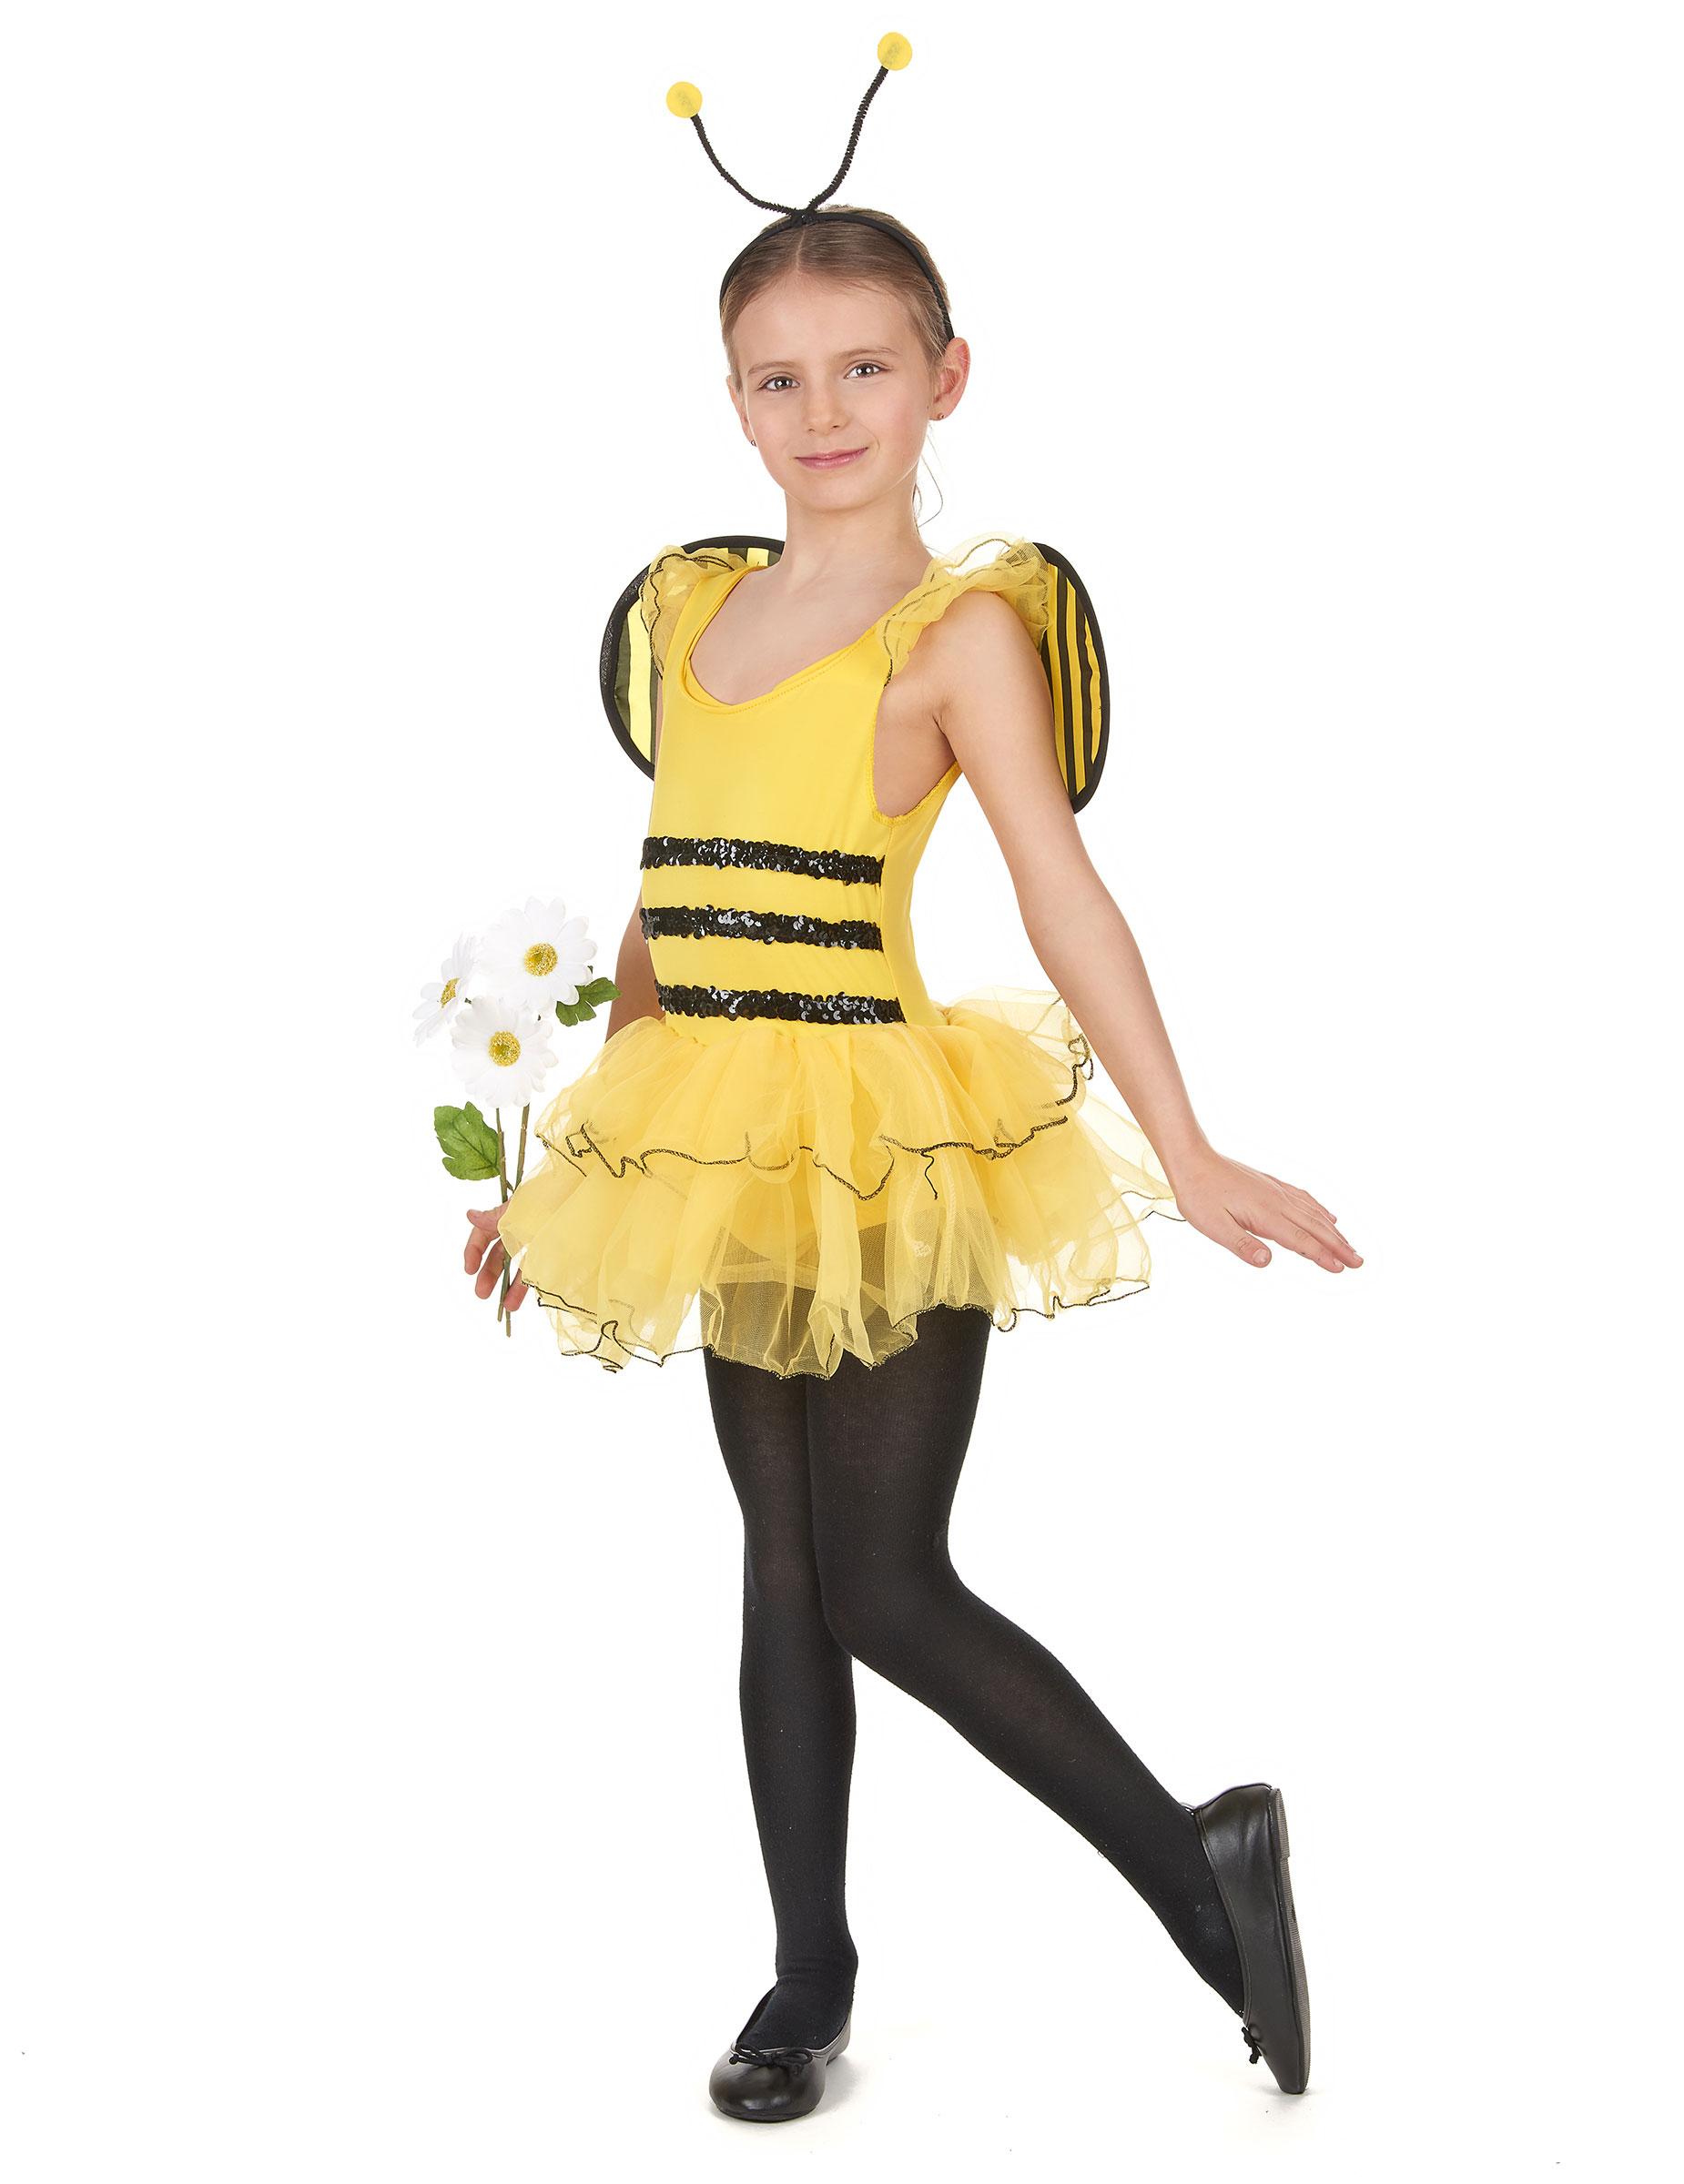 BzzzBzzz! Förvandlas till ett förtjusande bi med maskeradkläder från ... 7d9b3864eca5c